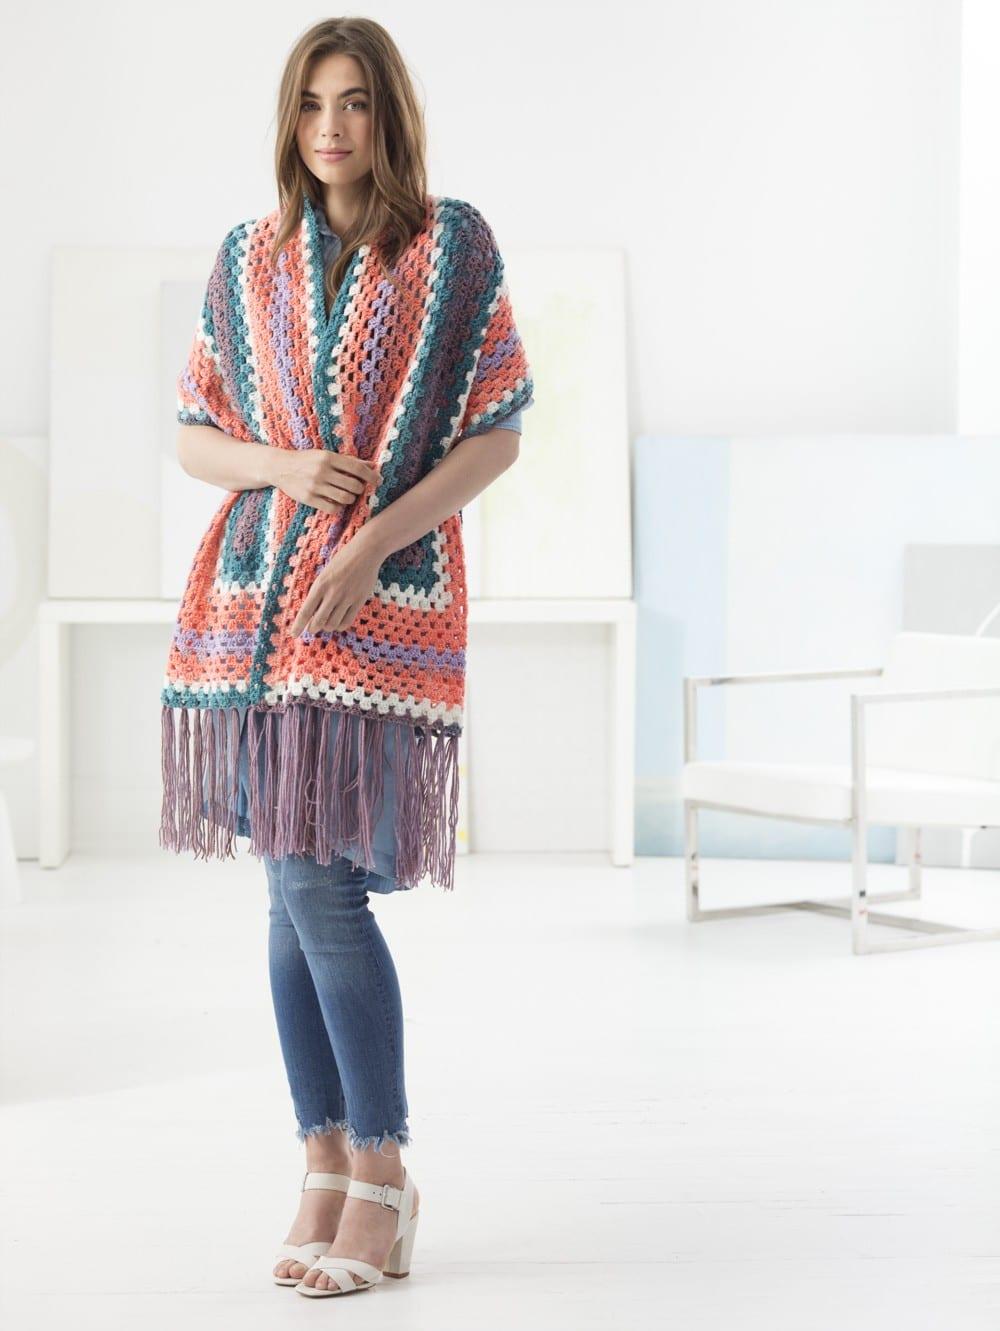 Stylish Crochet Shawls Roundup - Sewrella